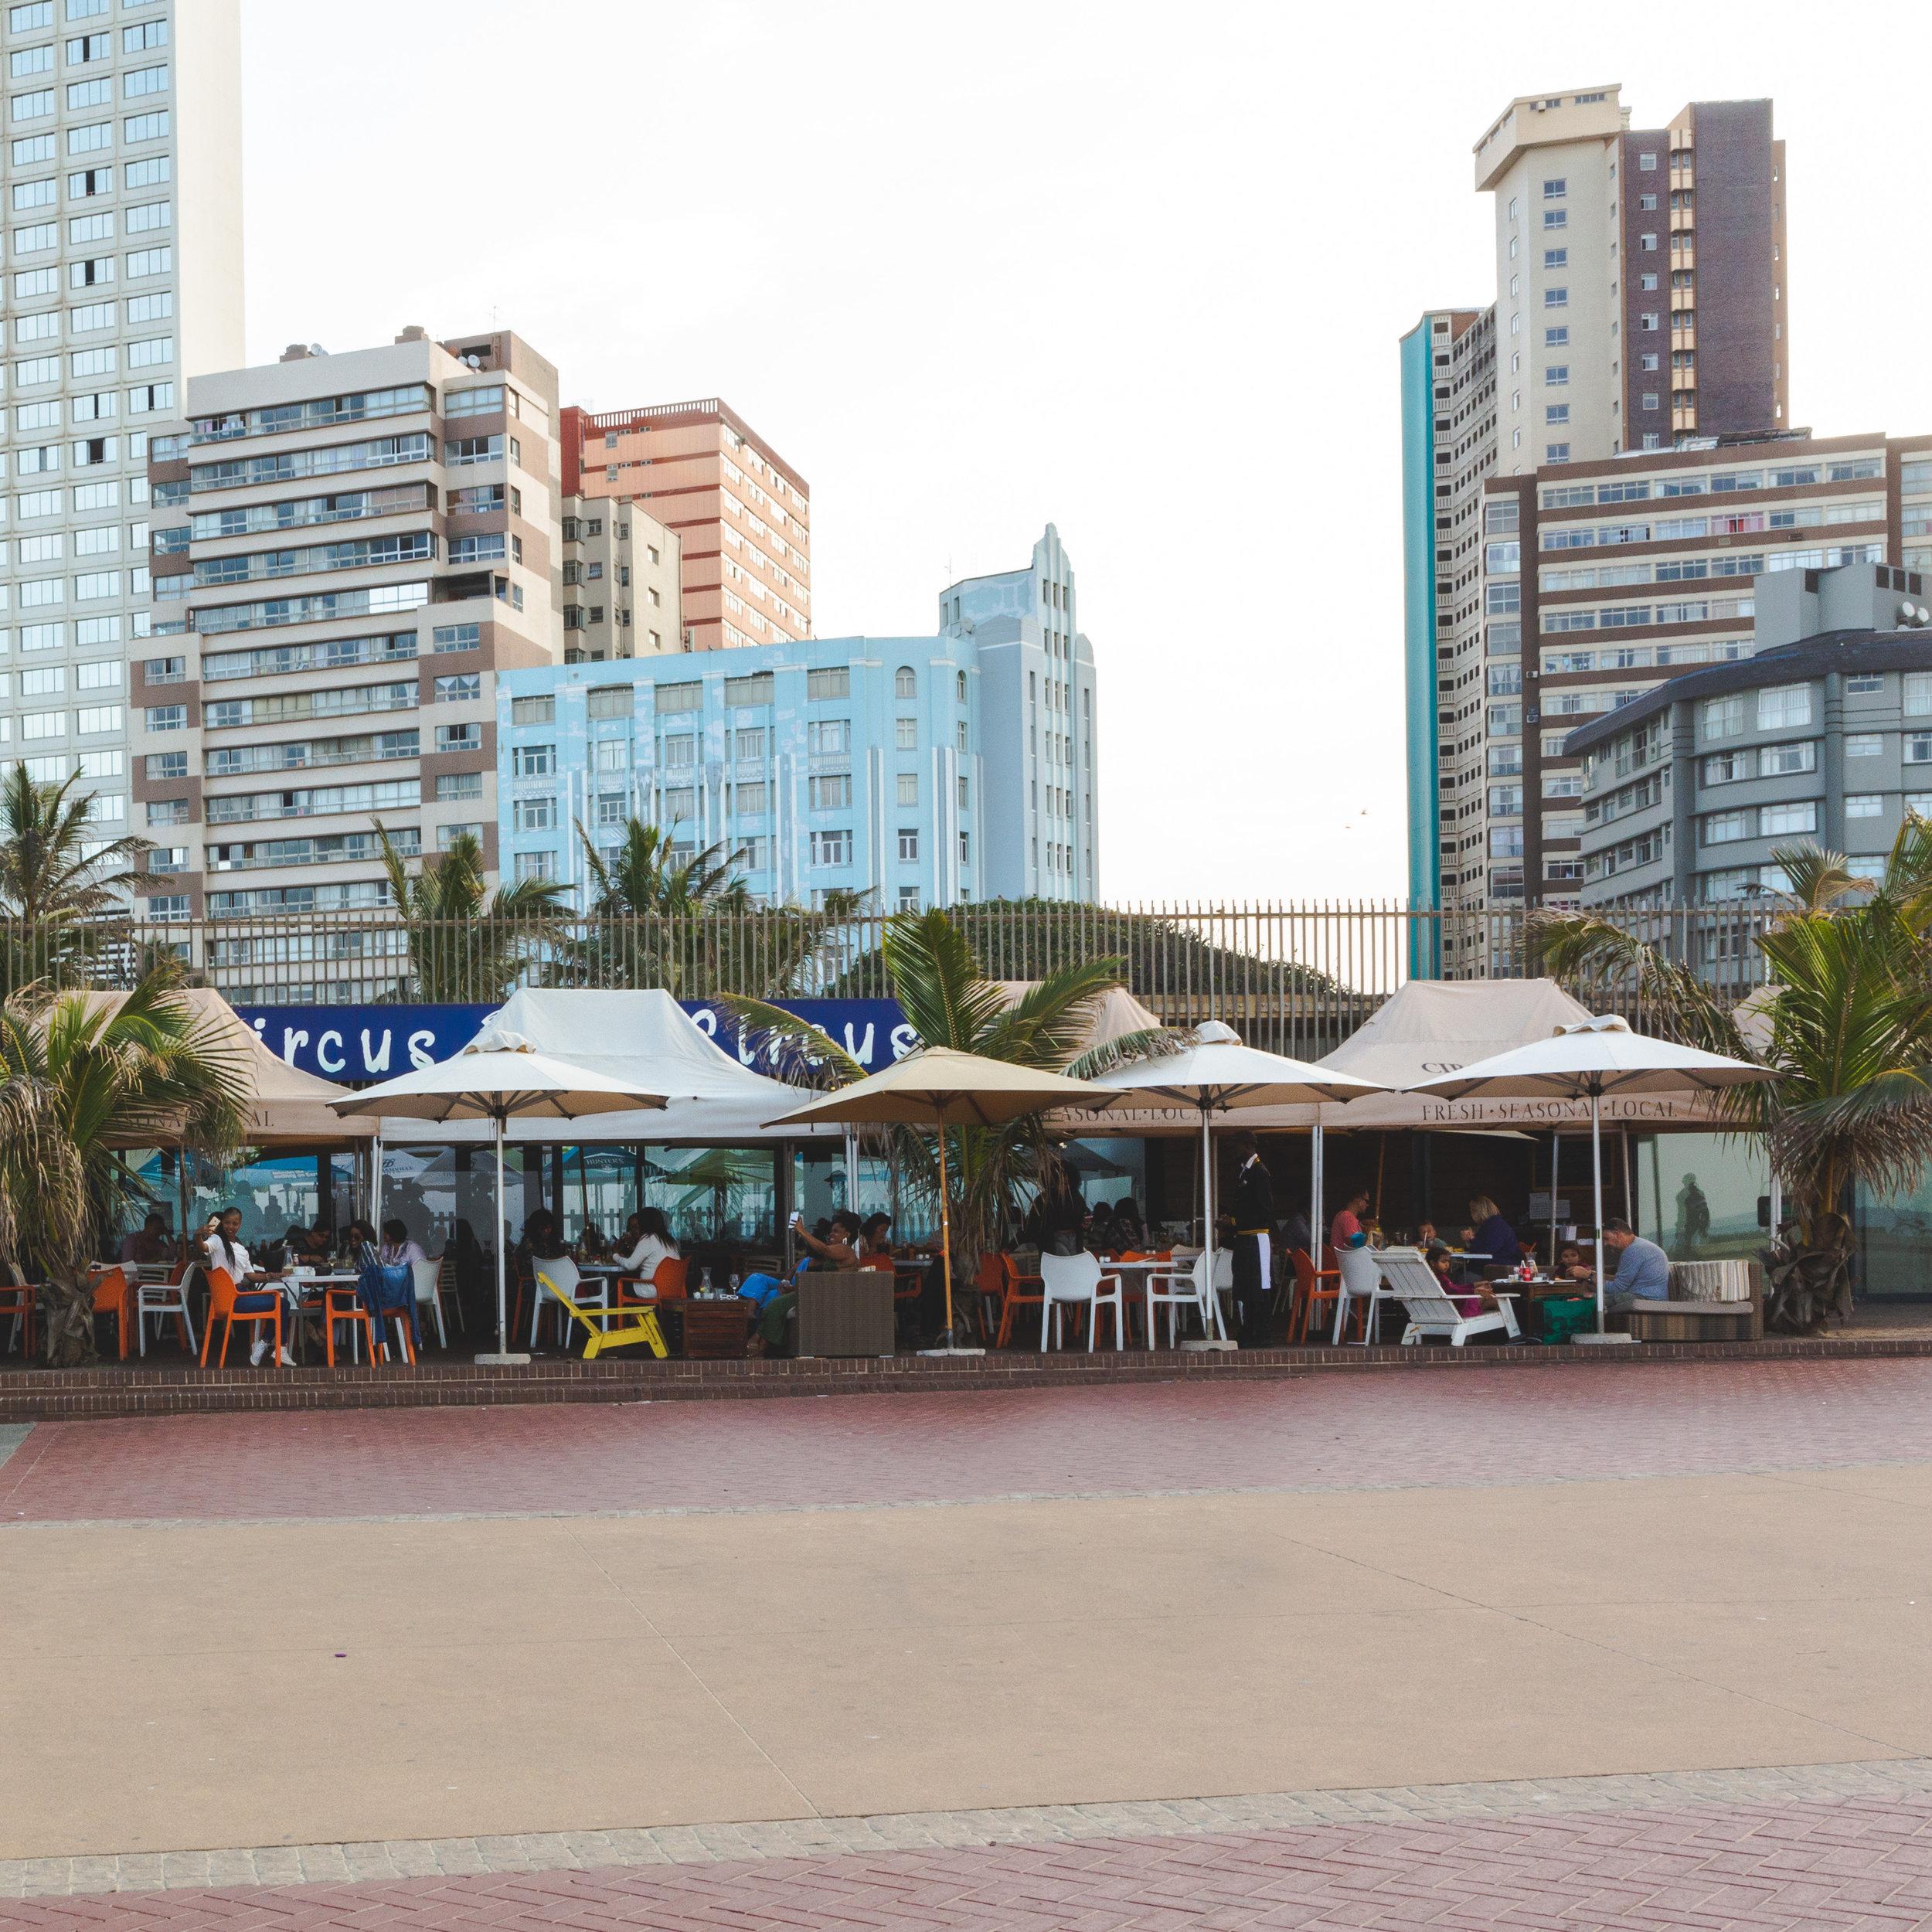 Circus Circus Beach Cafe